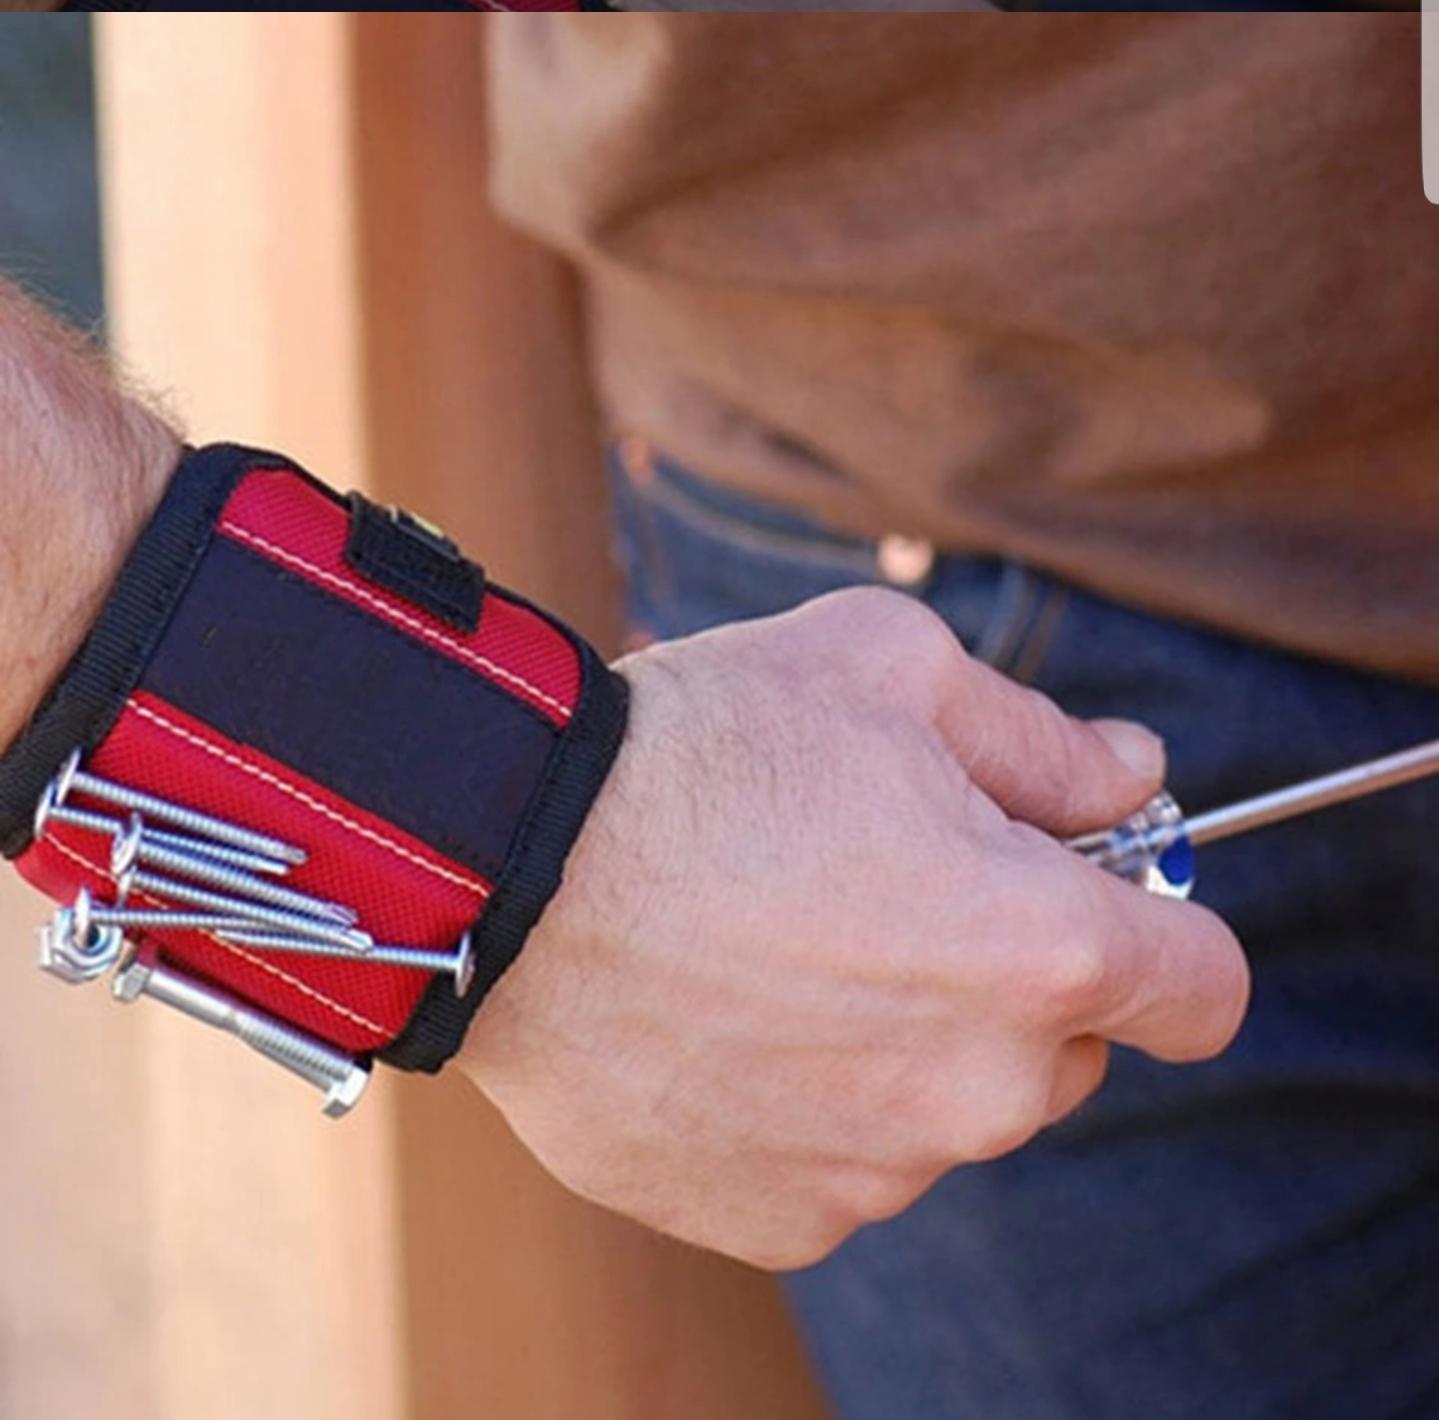 [Ali Express] Sehr starkes magnetisches Armband für Bastler